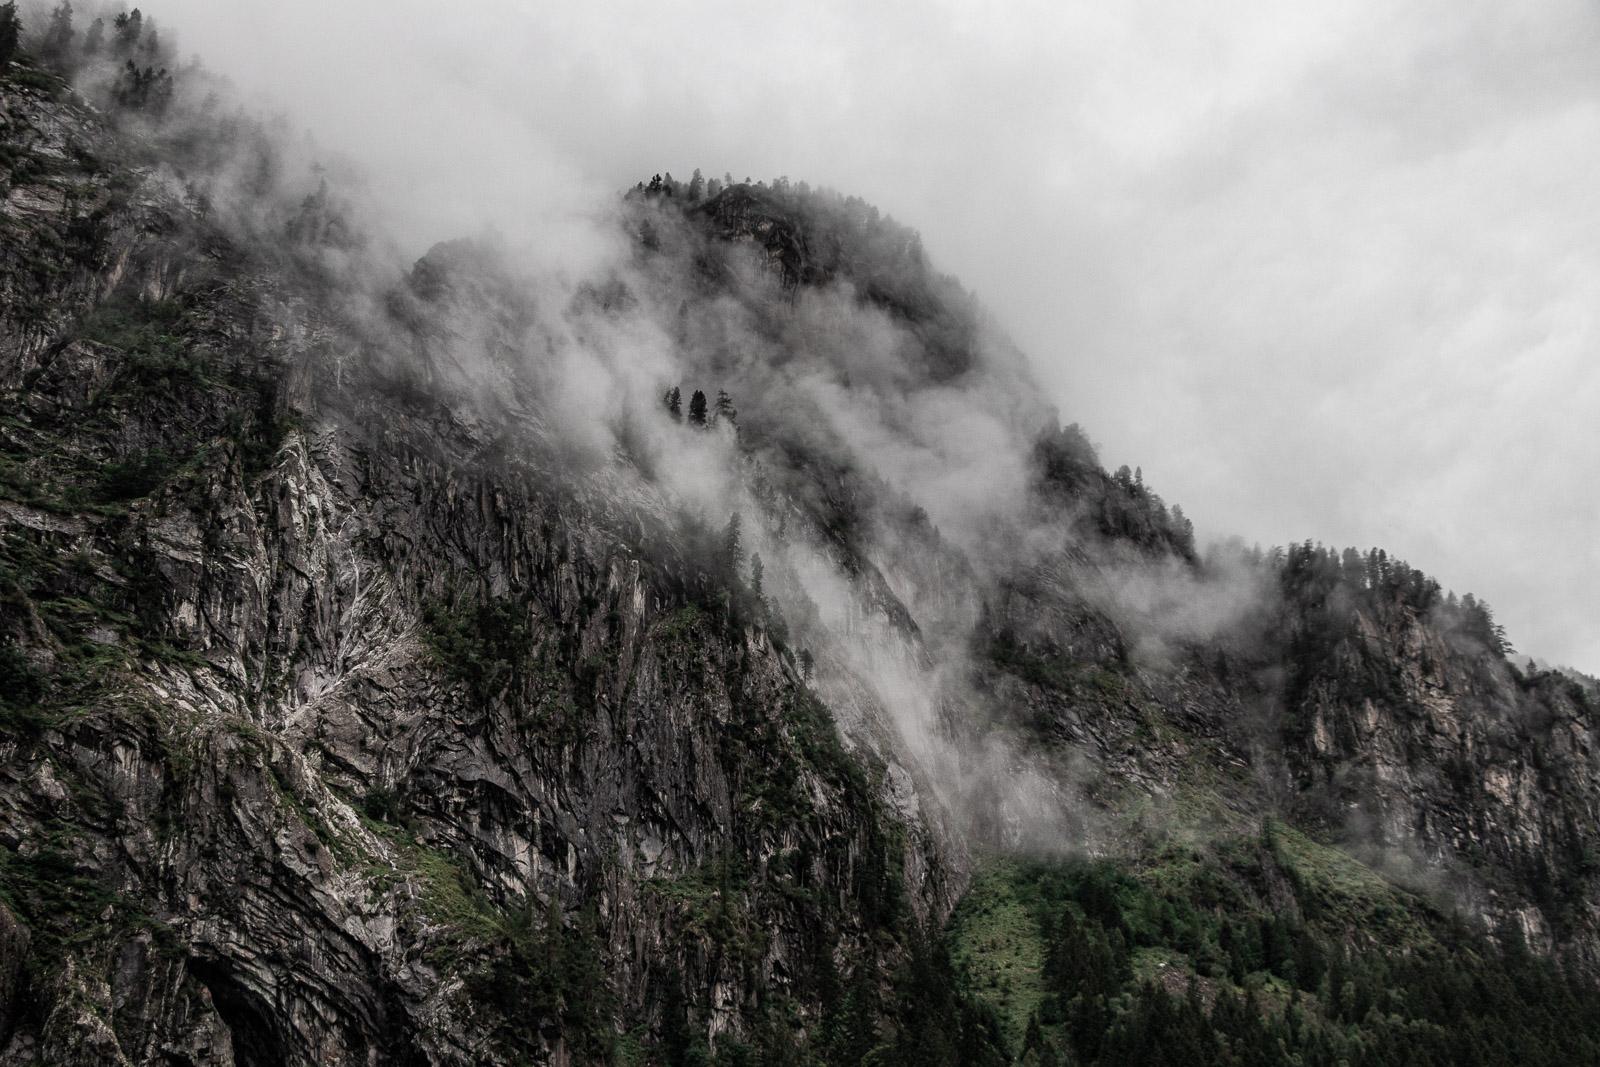 Berg mit Bäumen und Nebel am Stillup Stausee